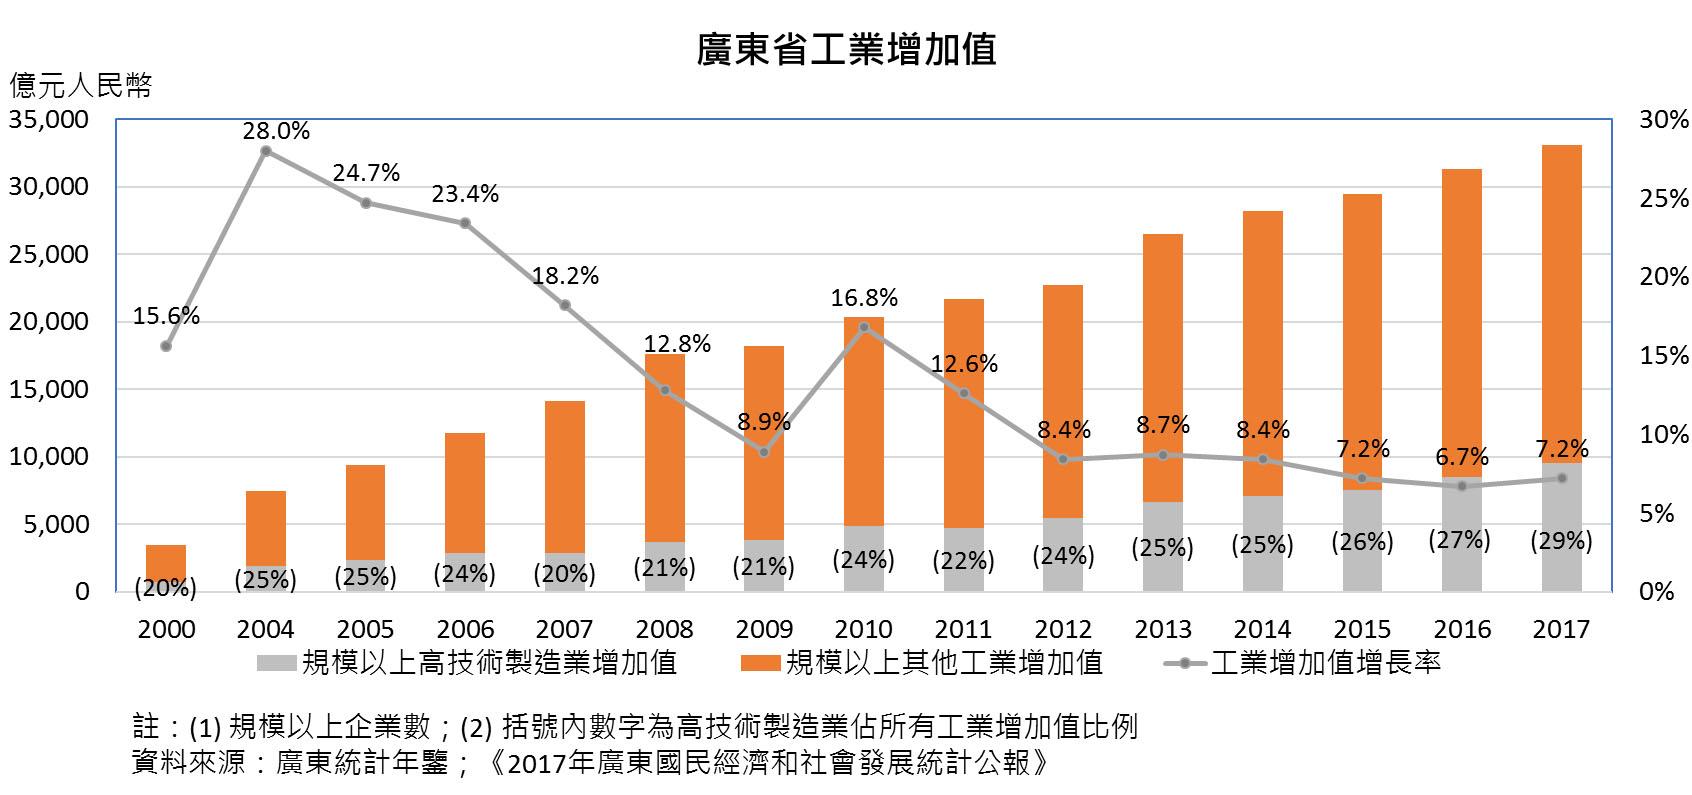 图:广东省工业增加值